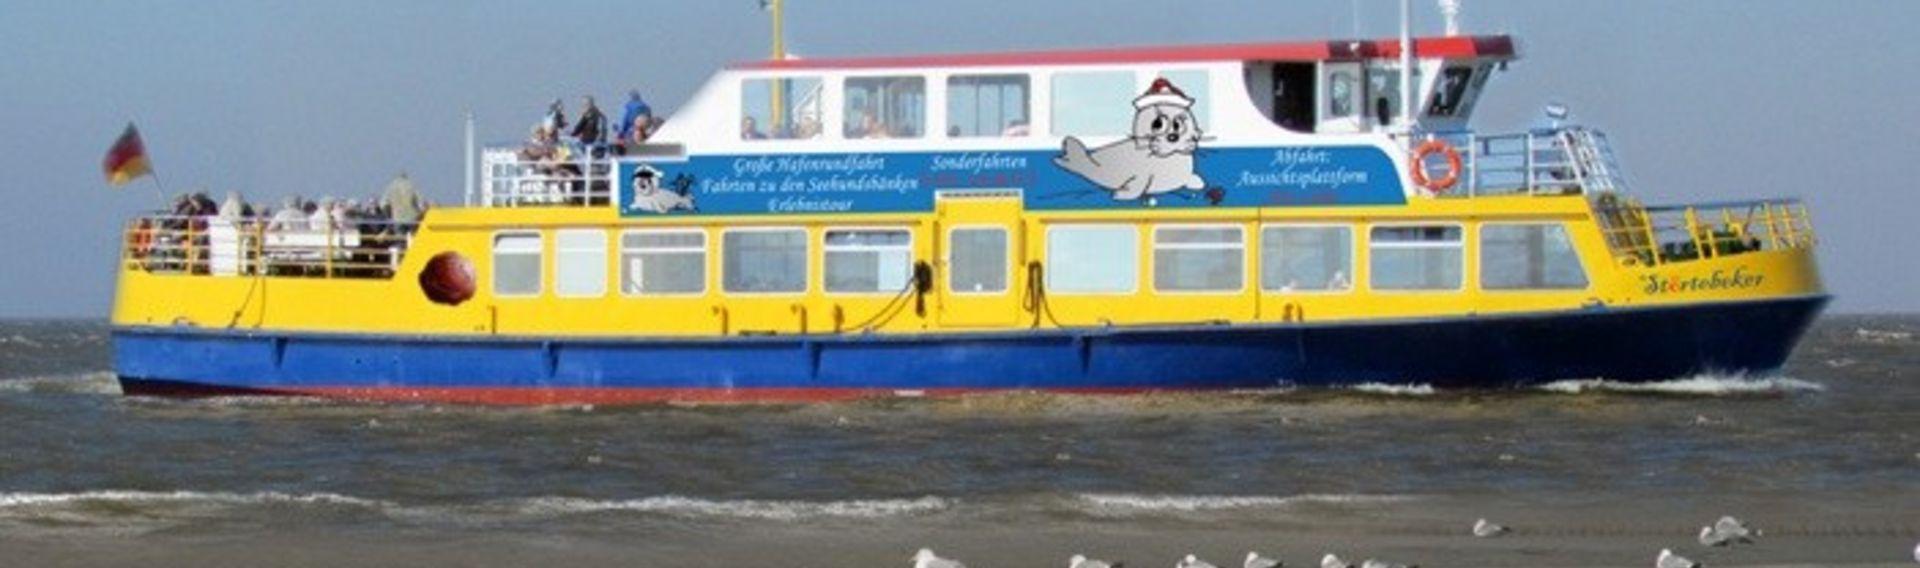 Schifffahrt und Hafenrundfahrt Cuxhaven mit Hund